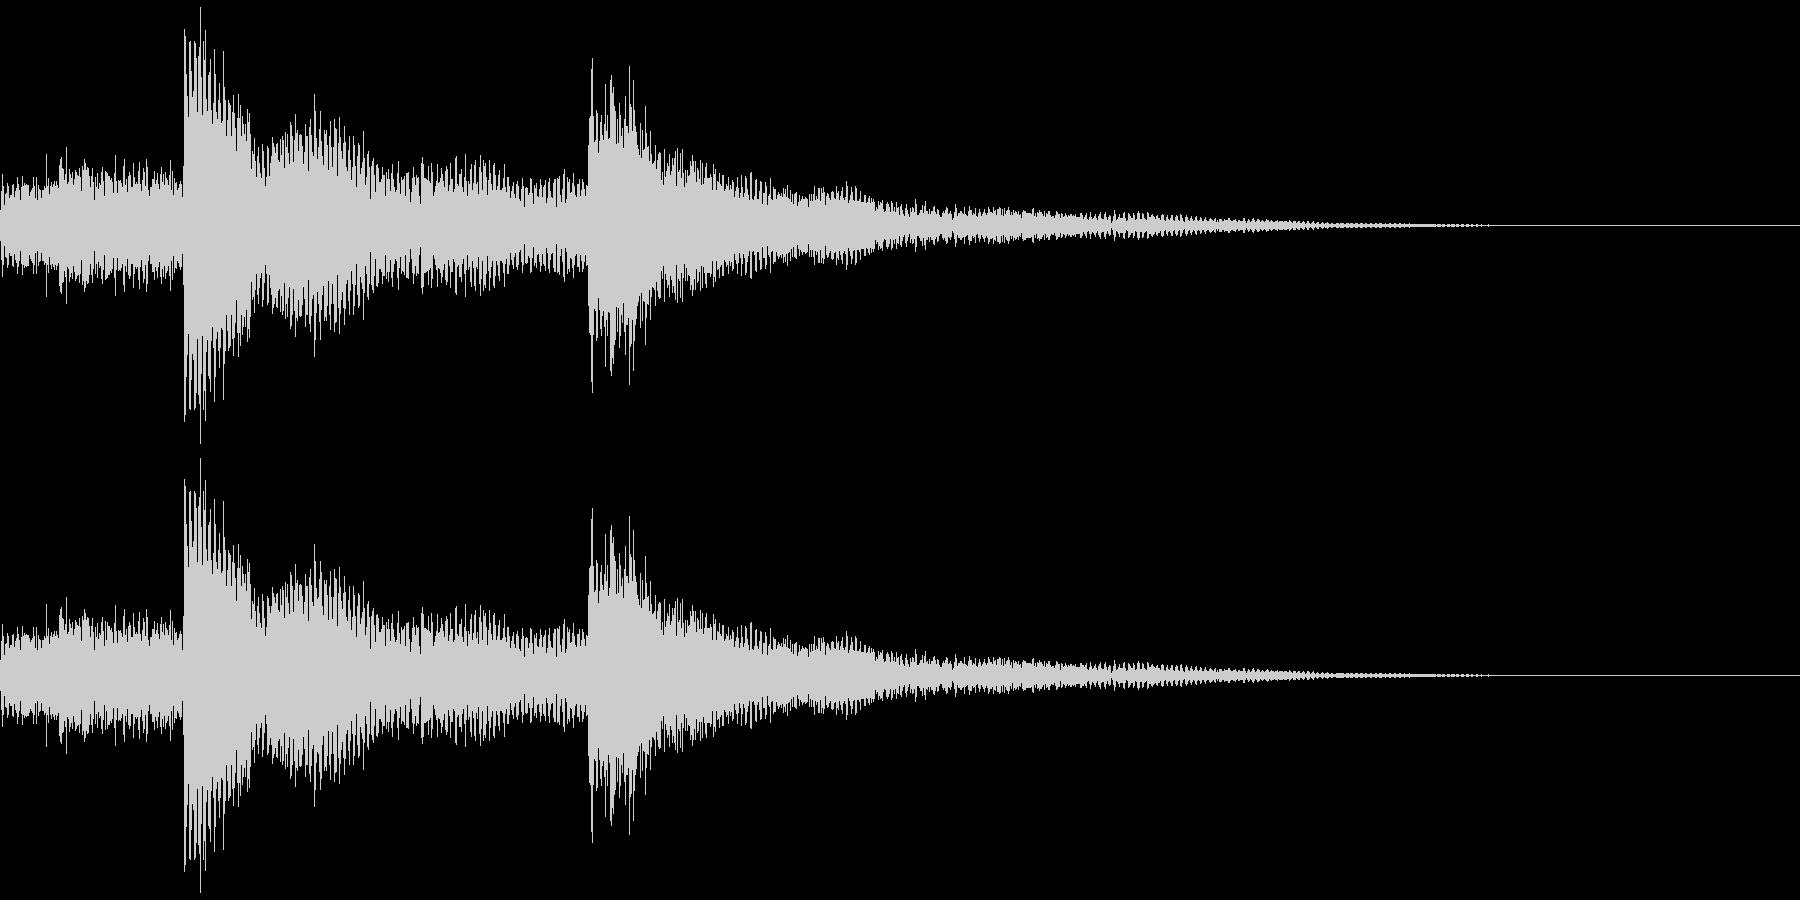 ウインドチャイム効果音(シャリーン)の未再生の波形